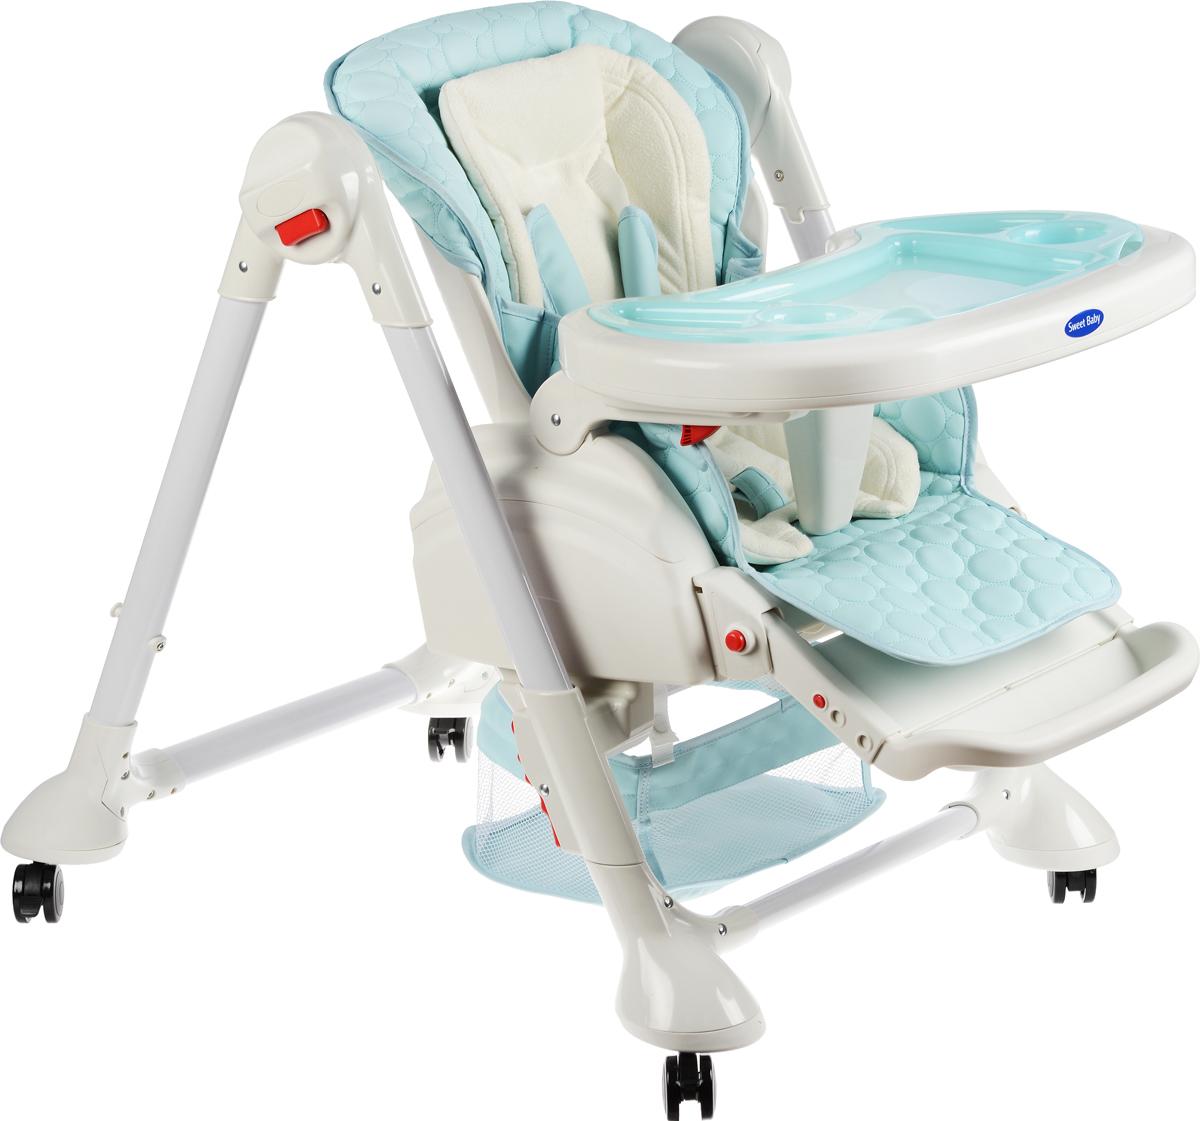 Sweet Baby Стульчик для кормления Luxor Multicolor Blu313086Многофункциональный стульчик Luxor Multicolor Blu от торговой марки Sweet Baby сделает процесс кормления максимально удобным для малыша и для вас. За счёт регулировки стульчика по наклону и высоте родители могут усадить малыша в комфортное положение. И если сразу после кормления кроха уснул, оставьте его подремать в уютном креслице. За безопасность ребёнка отвечают пятиточечные ремни безопасности и разделитель для ножек. Изделие также имеет 4 колеса, благодаря чему стульчик легко перемещать в помещении, а стопперы обеспечат устойчивость. Поднос можно мыть в посудомоечной машине - это преимущество, несомненно, отметят мамы. Особенности: Регулируемый 5-точечный ремень безопасности; Легко снимающийся поднос; Съемная накладка на поднос; 2 углубления для стаканов; 3 позиции установки подноса; Поднос можно подвесить на задних ножках стула; Возможность мойки подноса в посудомоечной машине; 3 позиции...